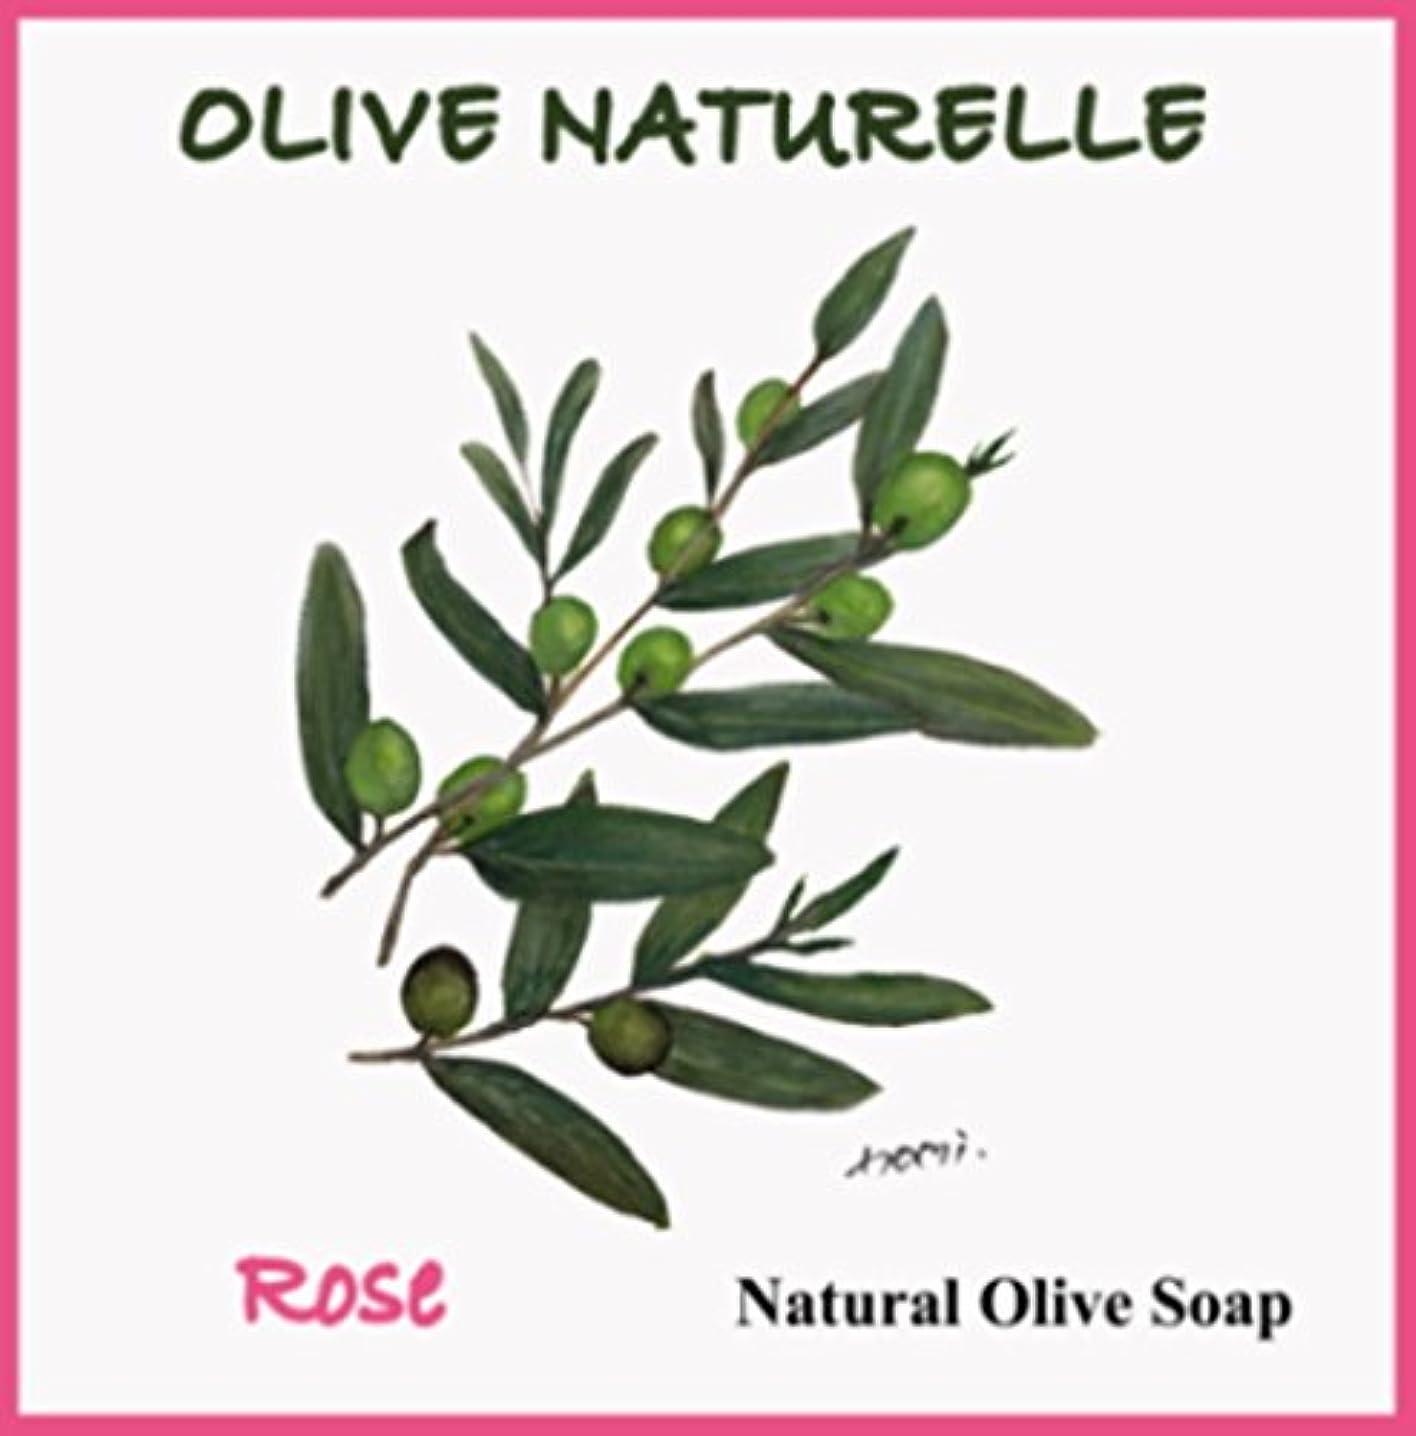 構成員バリケードクリスマスOlive Naturelle Rose Soap Bar